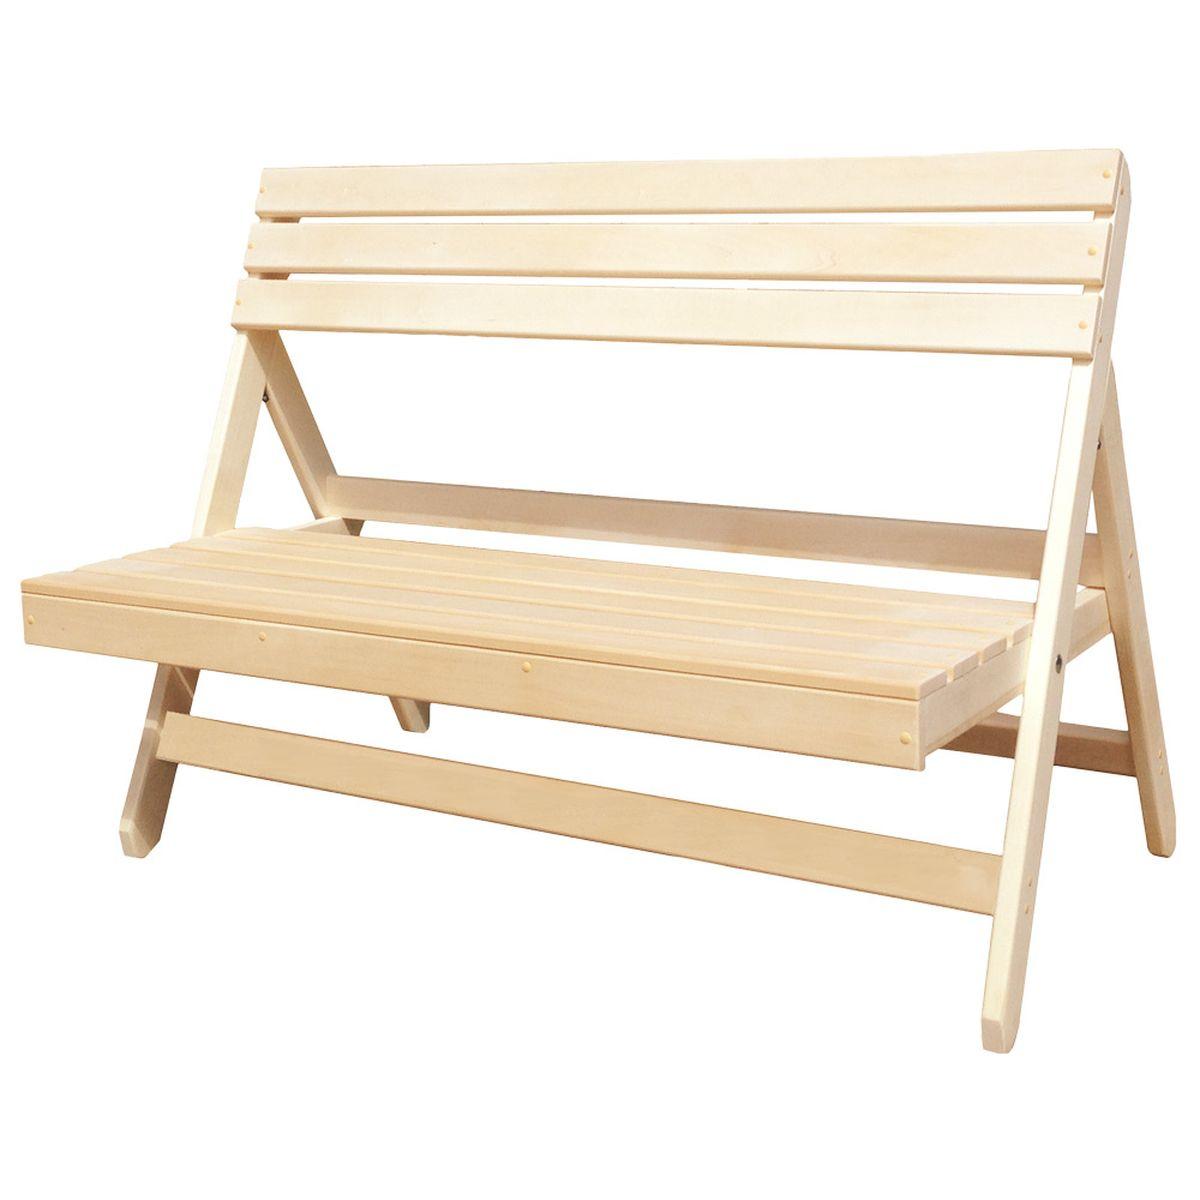 Скамья раскладная Банные штучки, без подлокотников, 120 х 100 х 41 см32459Складная скамейка Банные штучки, выполненная из дерева, идеально подойдет для благоустройства дачного или садового участка, прекрасно впишется в интерьер дома, бани или сауны. За счет своего небольшого размера она займет мало места в багажнике, поэтому ее можно взять с собой на природу.